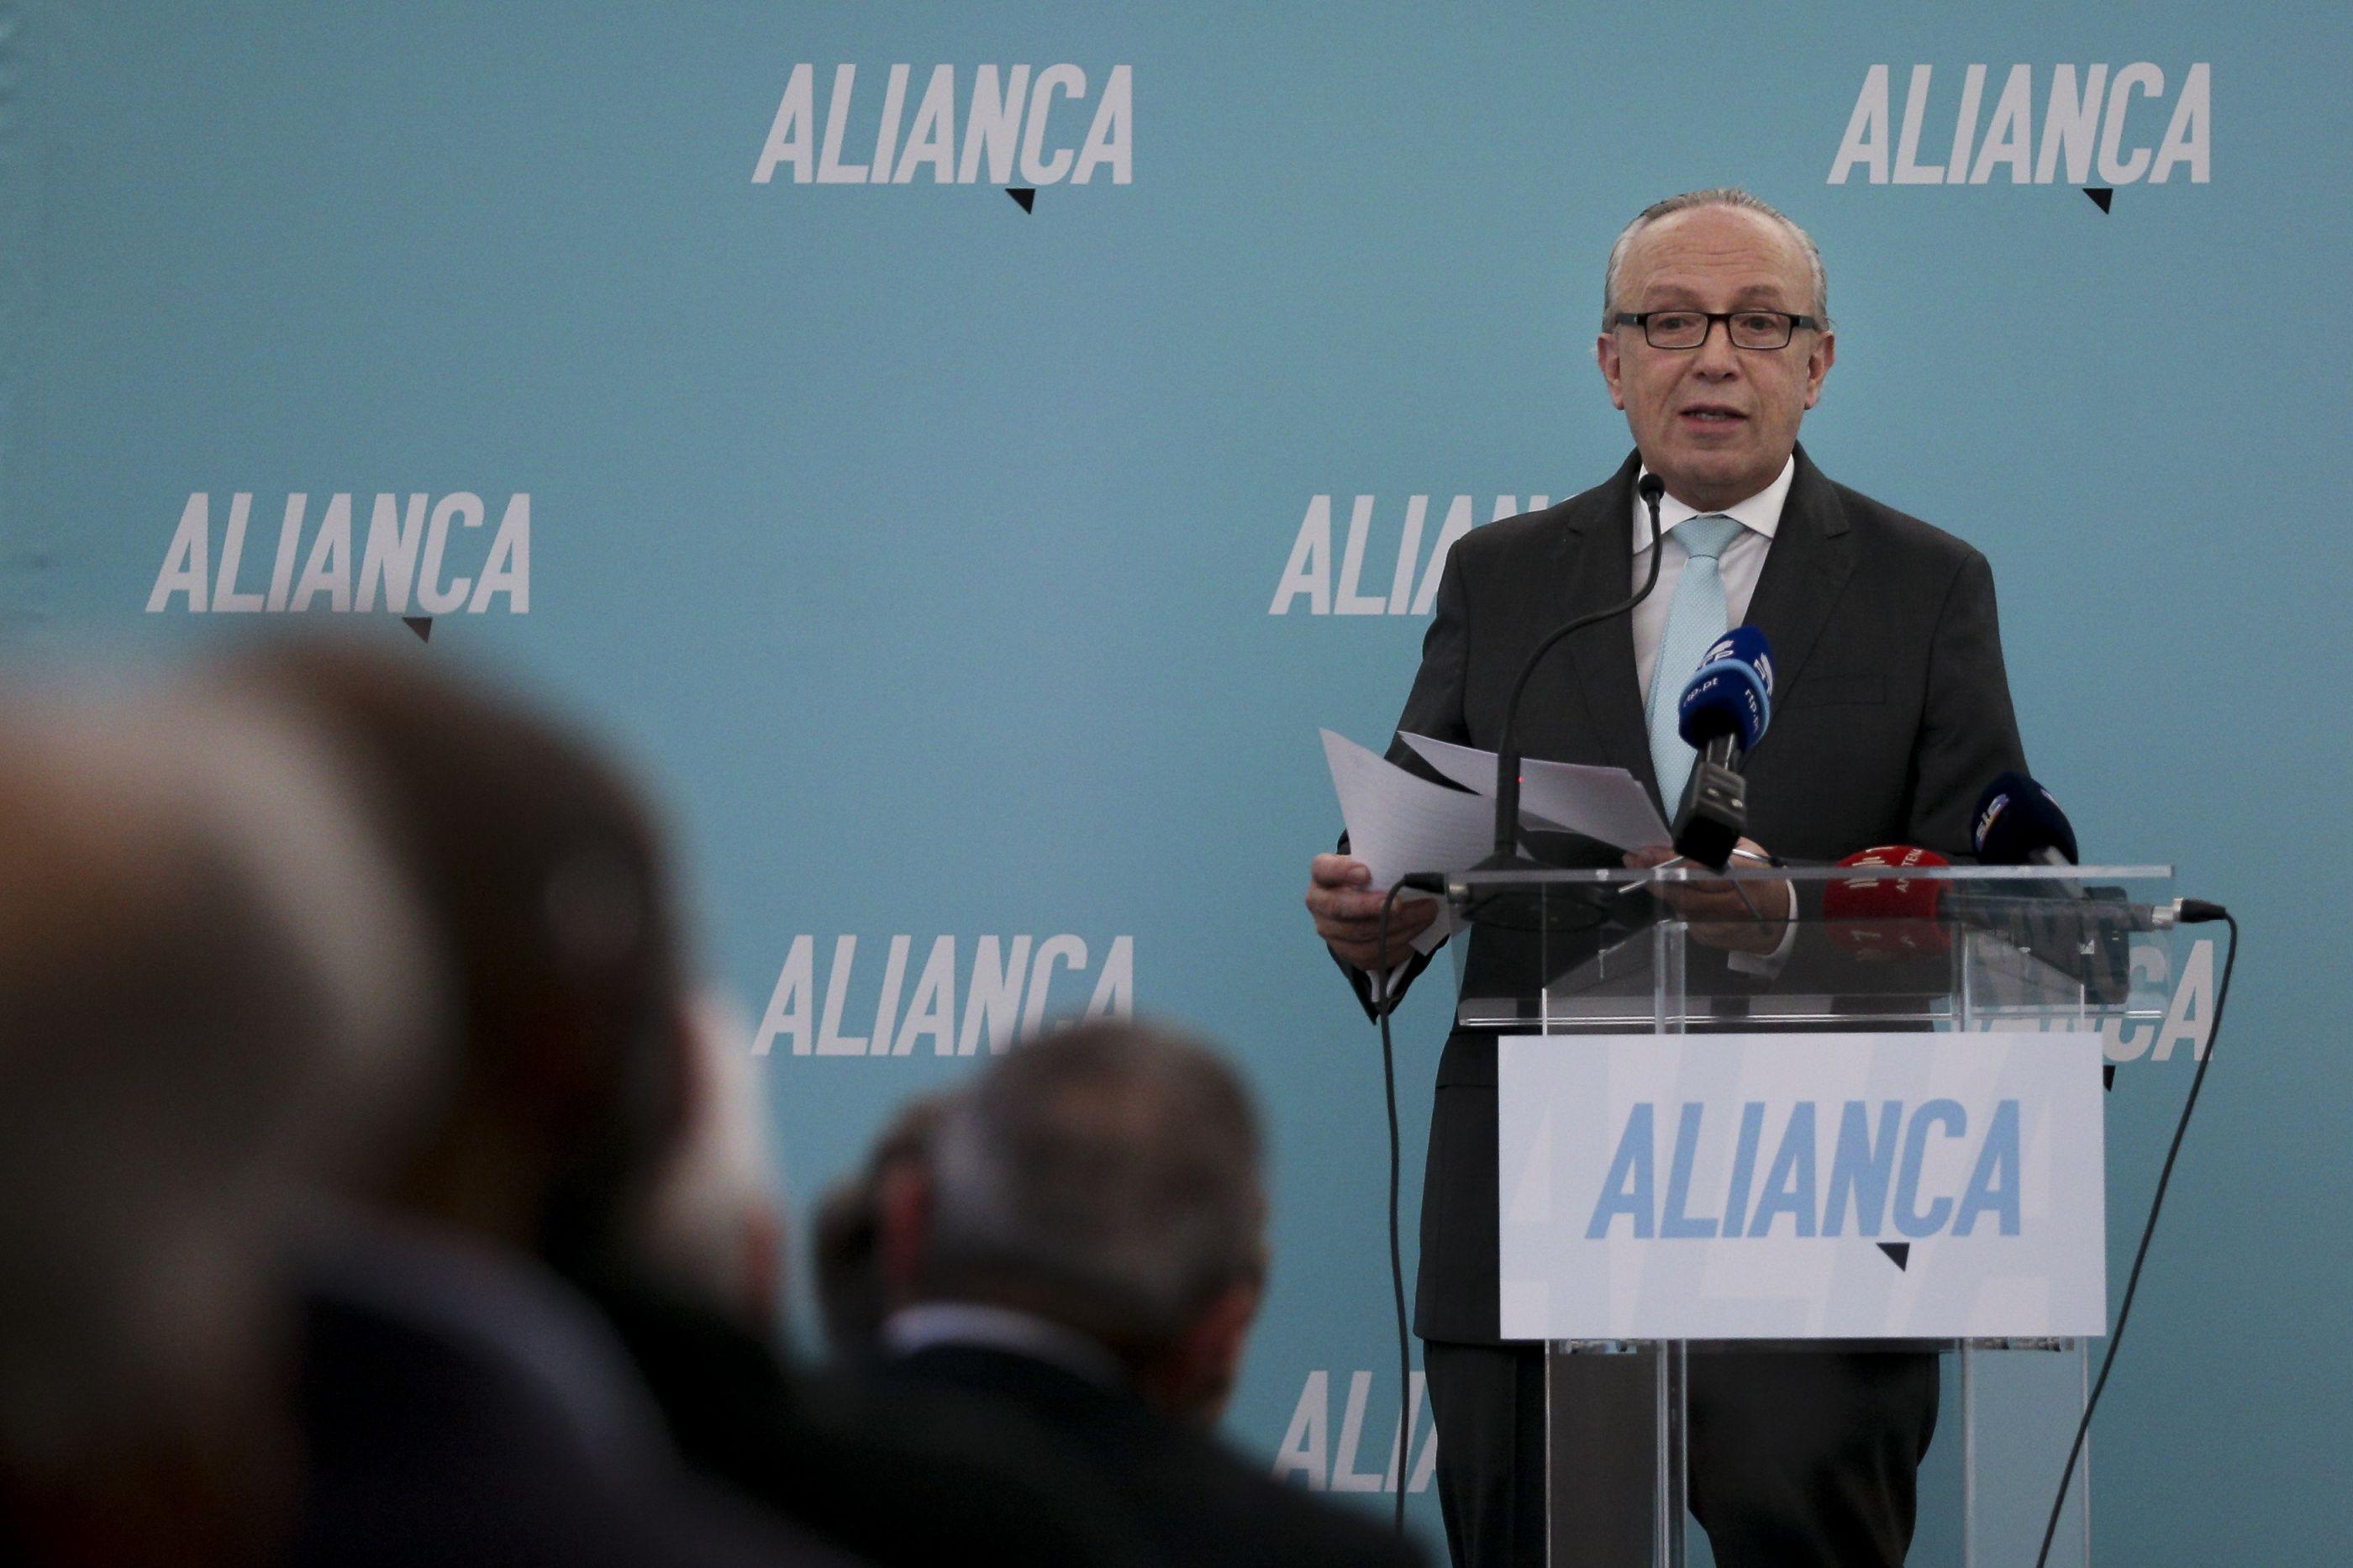 Arranca hoje o 1.º Congresso da Aliança para escolher direção do partido